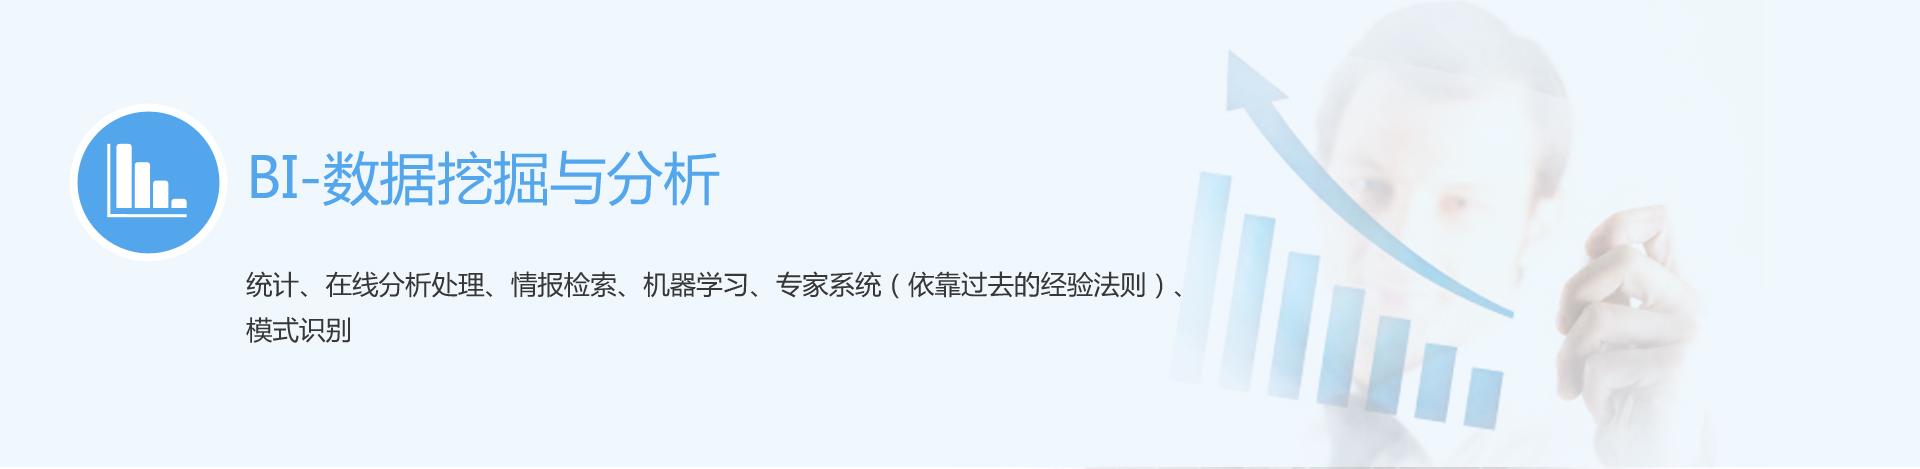 云电子病历_云检验_云影像_云PACS_